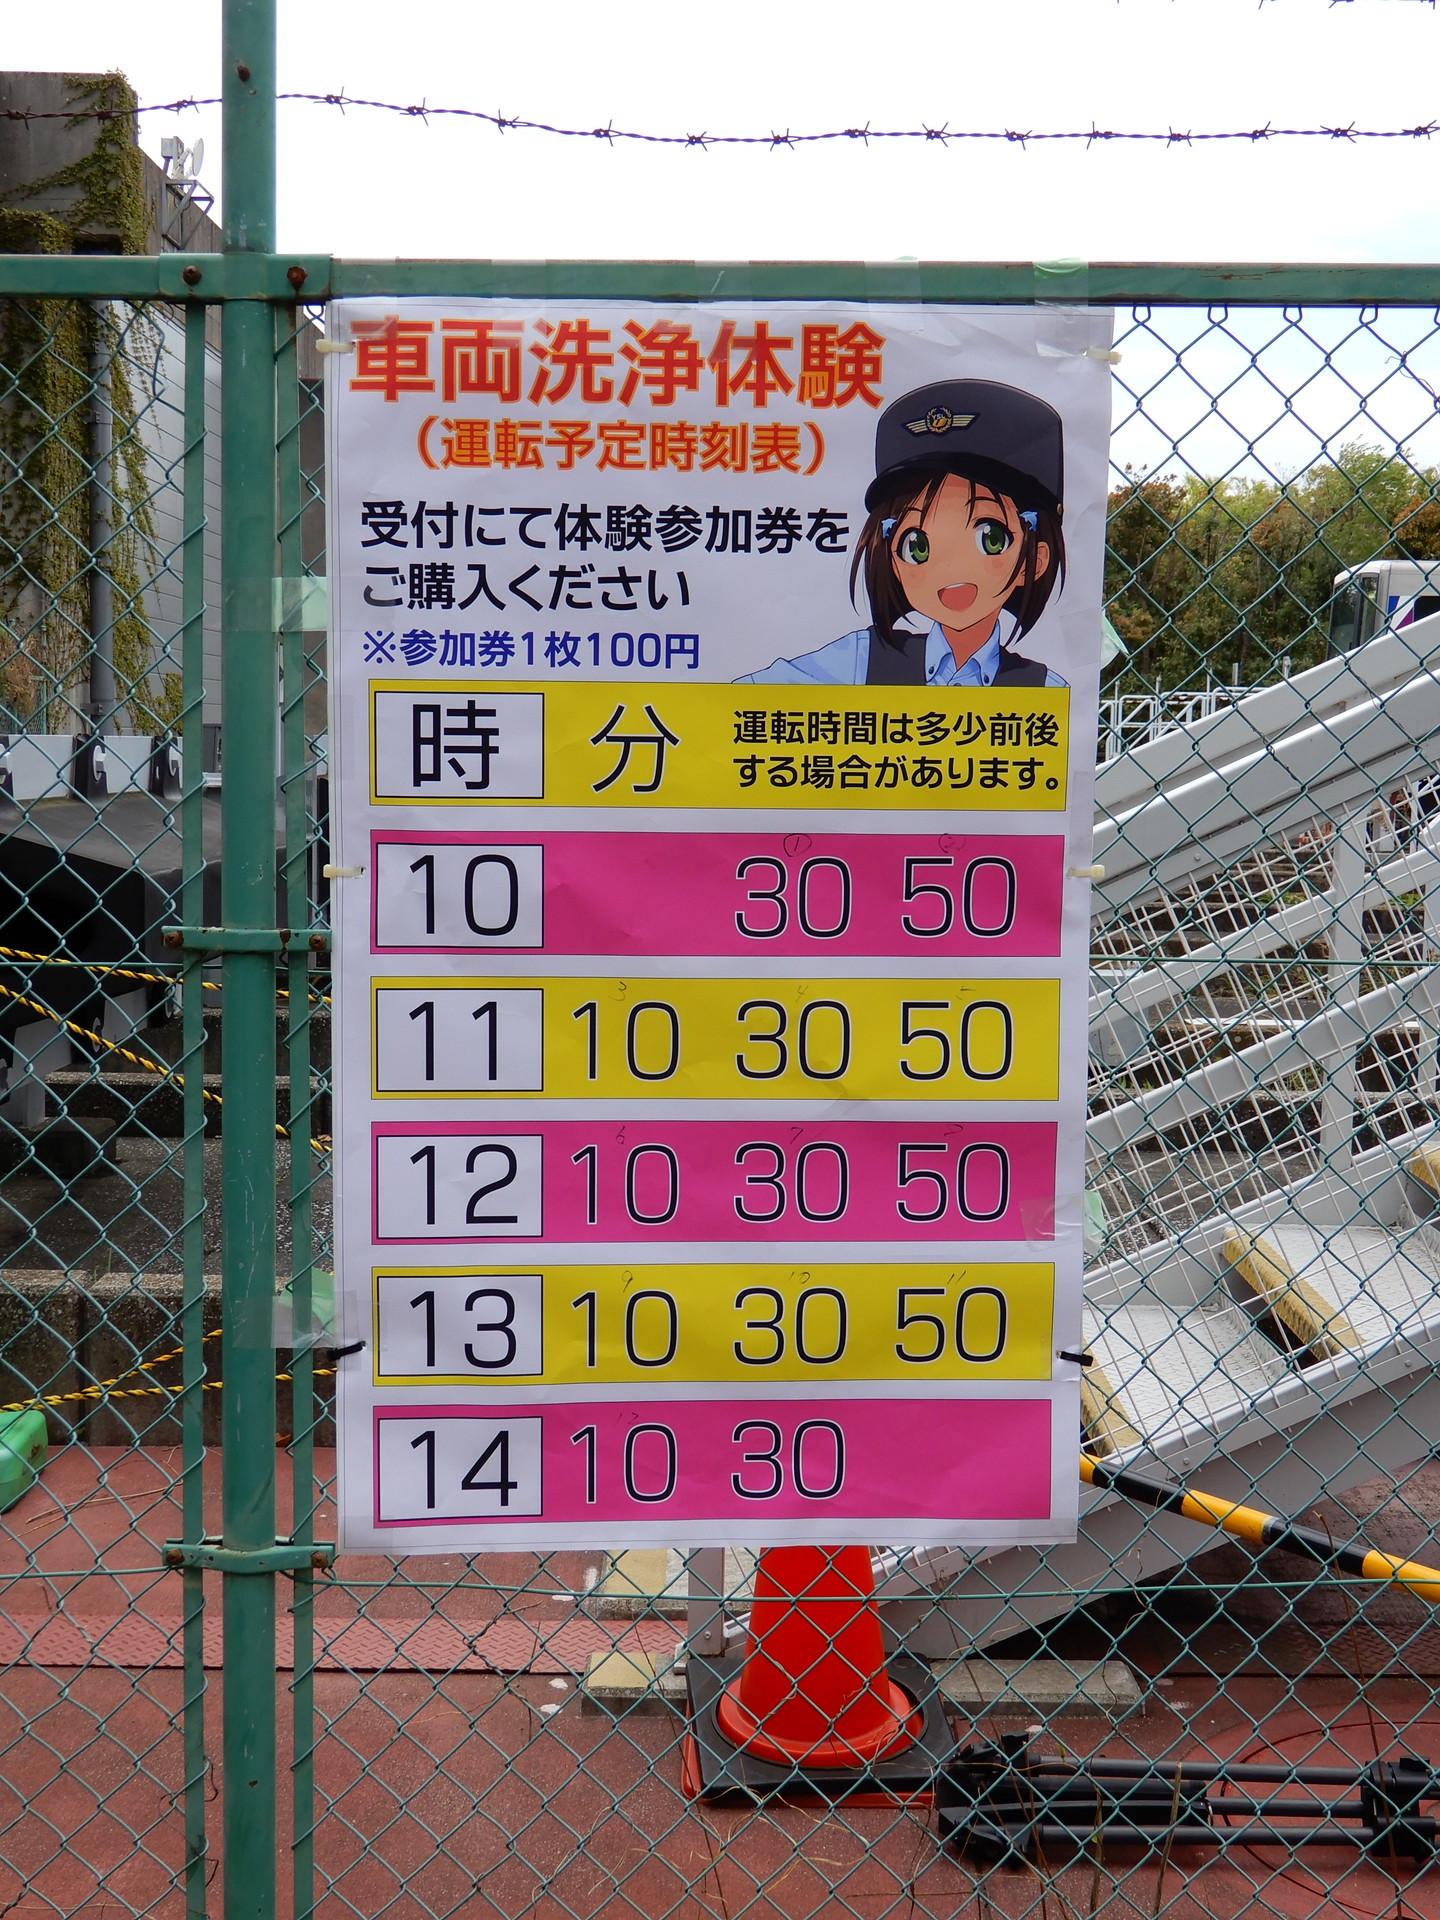 車体洗浄体験の列車運行時刻表